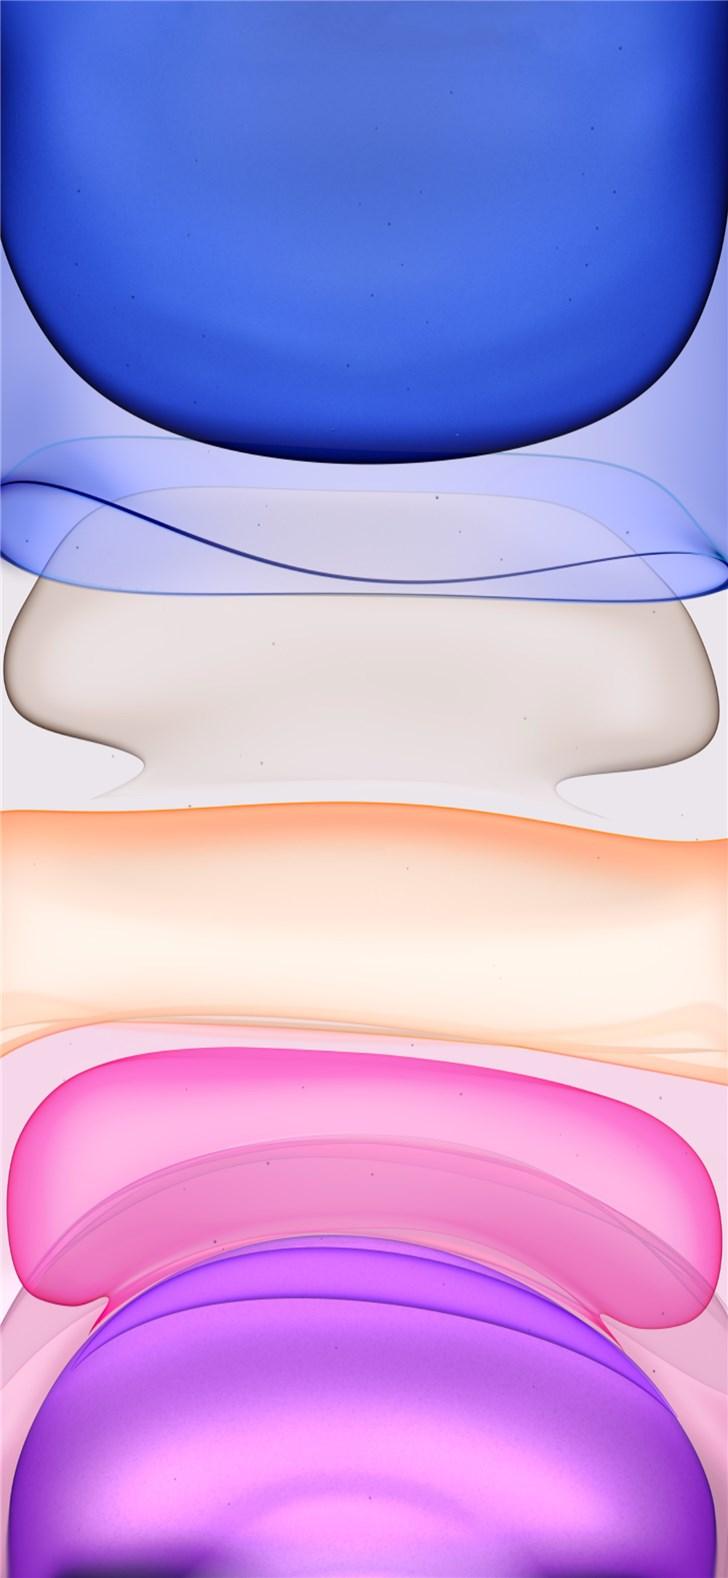 苹果 iPhone 11 原生主题壁纸分享